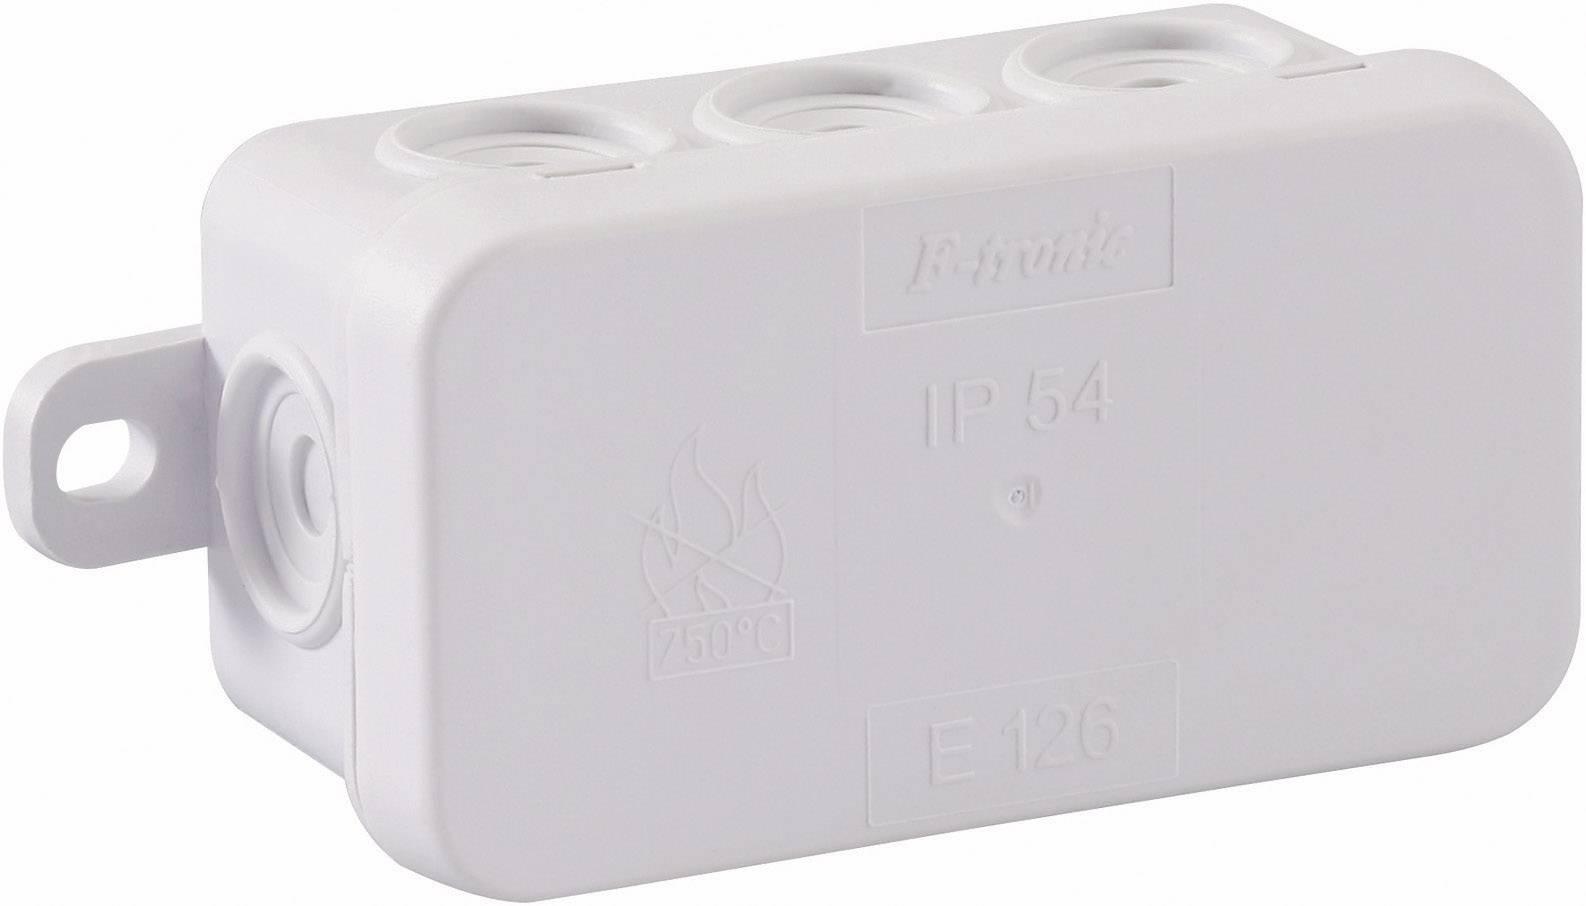 Inštalačná rozbočovacia krabička 5229, (d x š x v) 75 x 40 x 37 mm, IP54, svetlo sivá